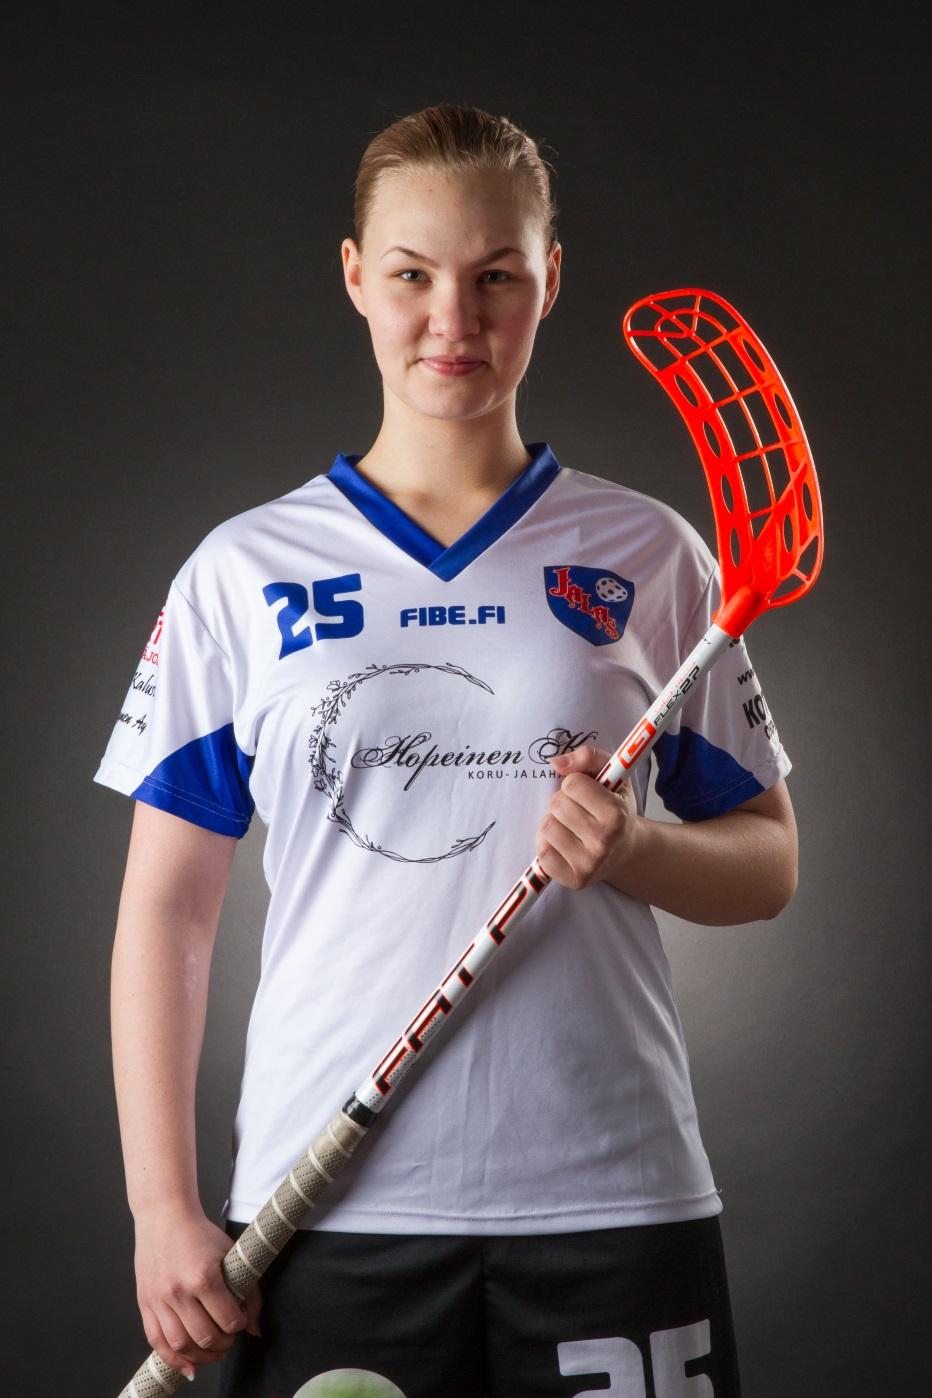 #25 Jenna Vuorinen